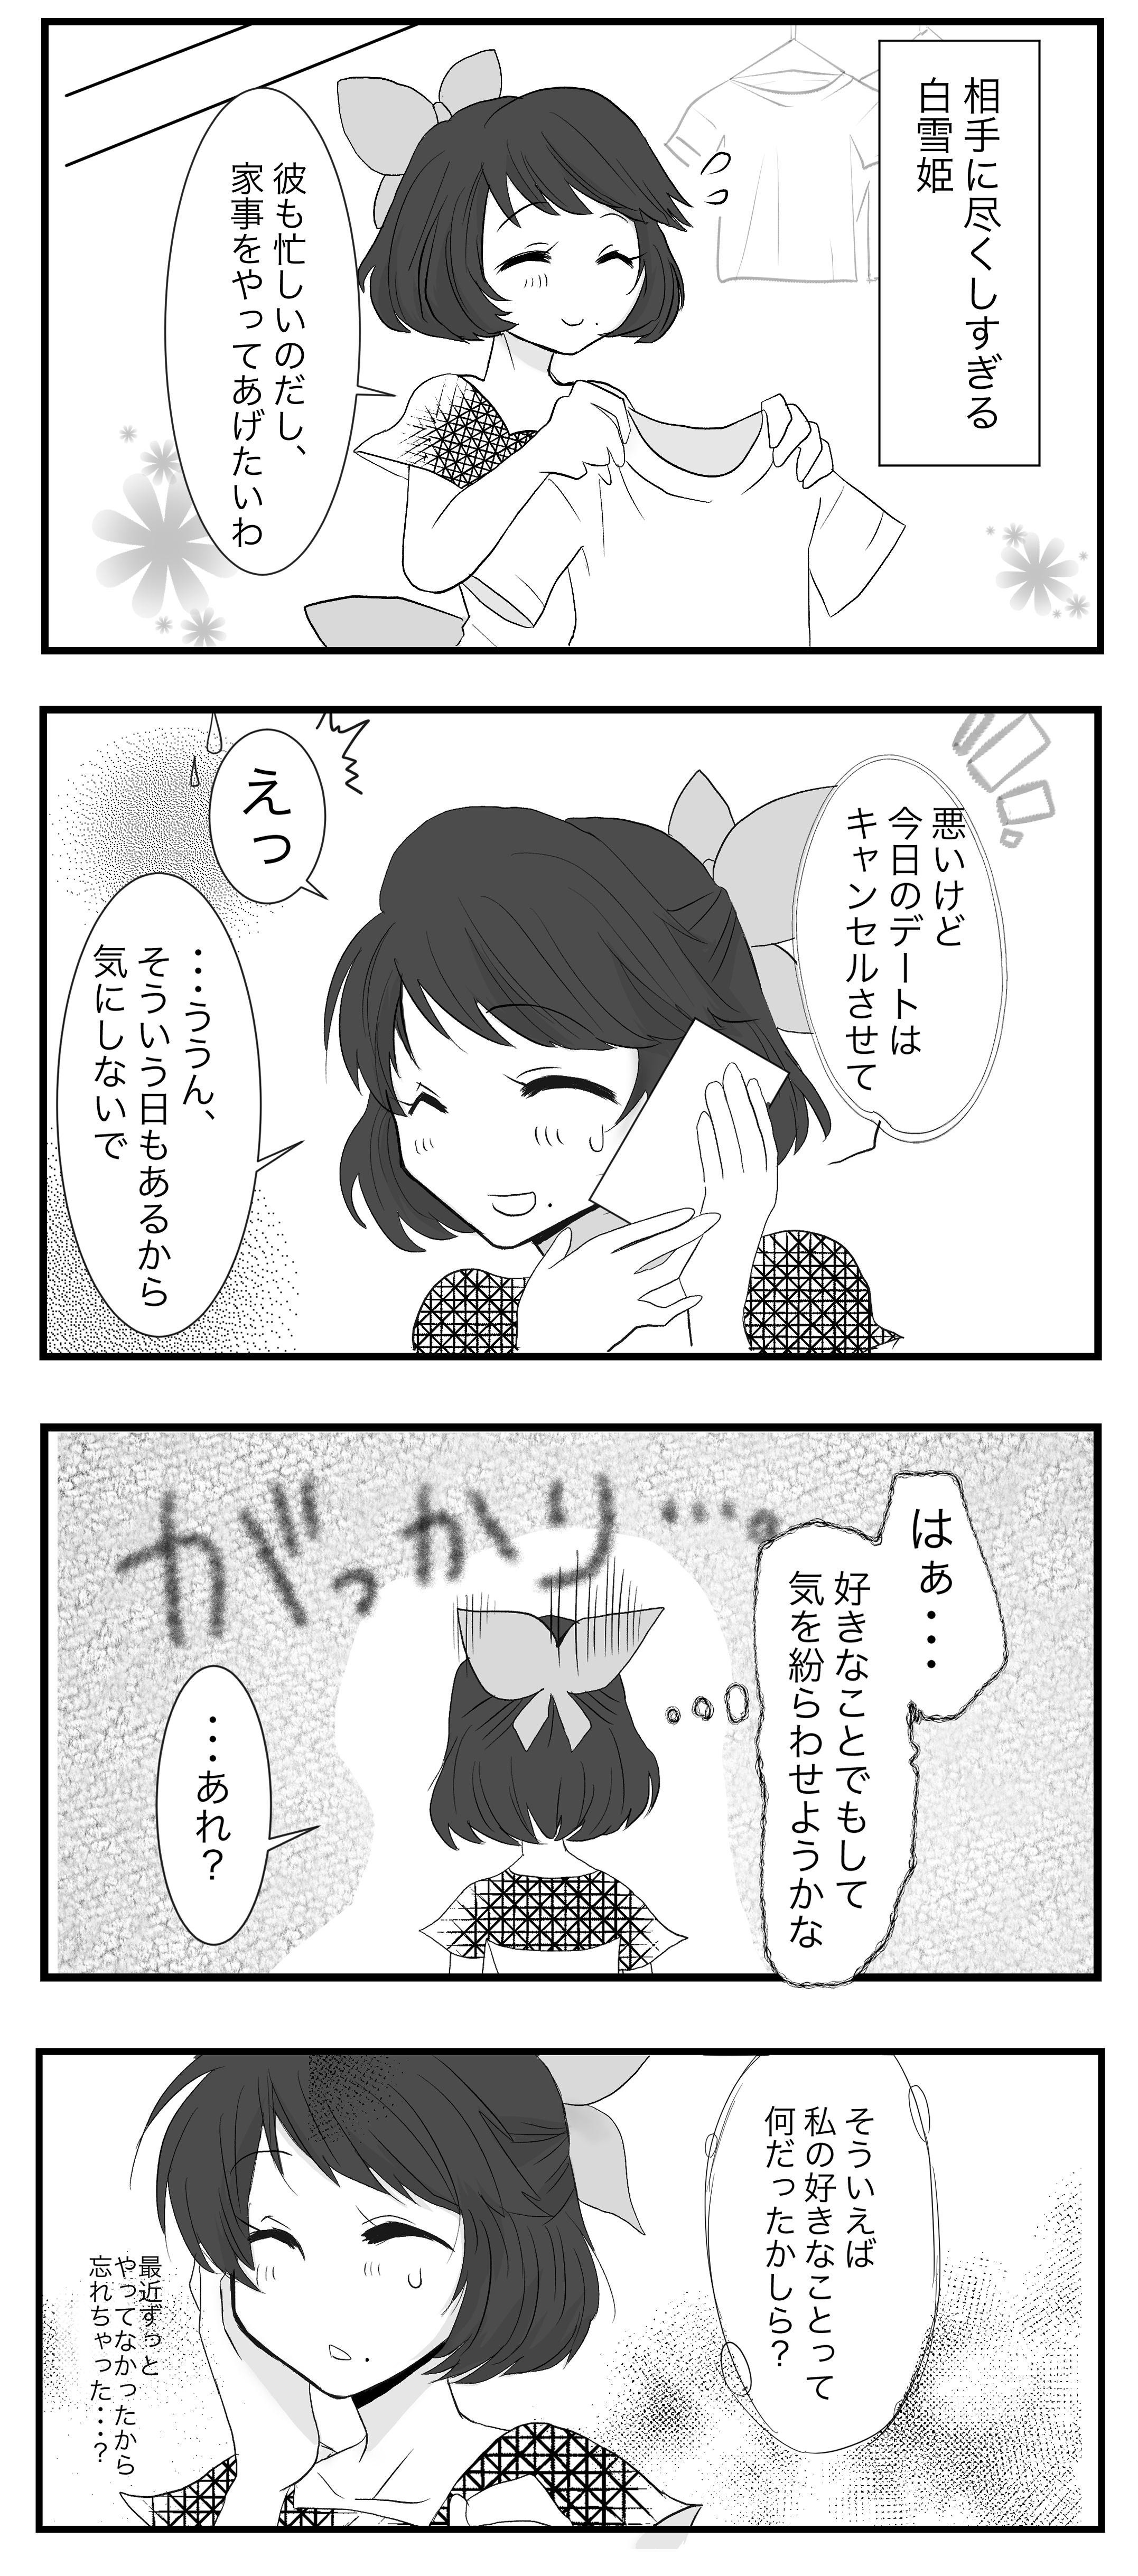 【婚活漫画】相手に尽くしすぎる白雪姫①_プロローグ